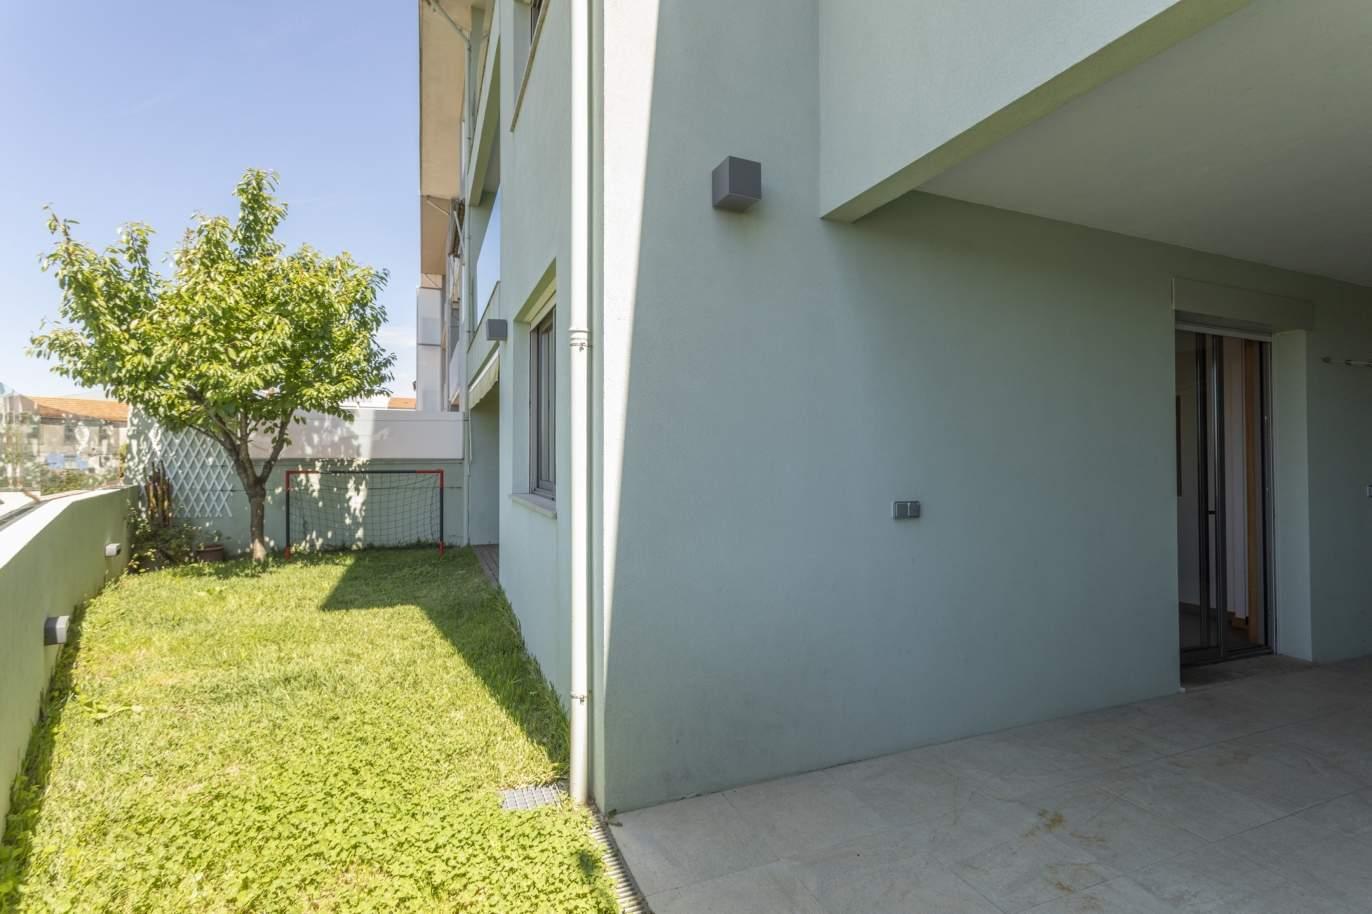 villa-v4-1-with-garden-for-sale-in-lordelo-do-ouro-porto-portugal